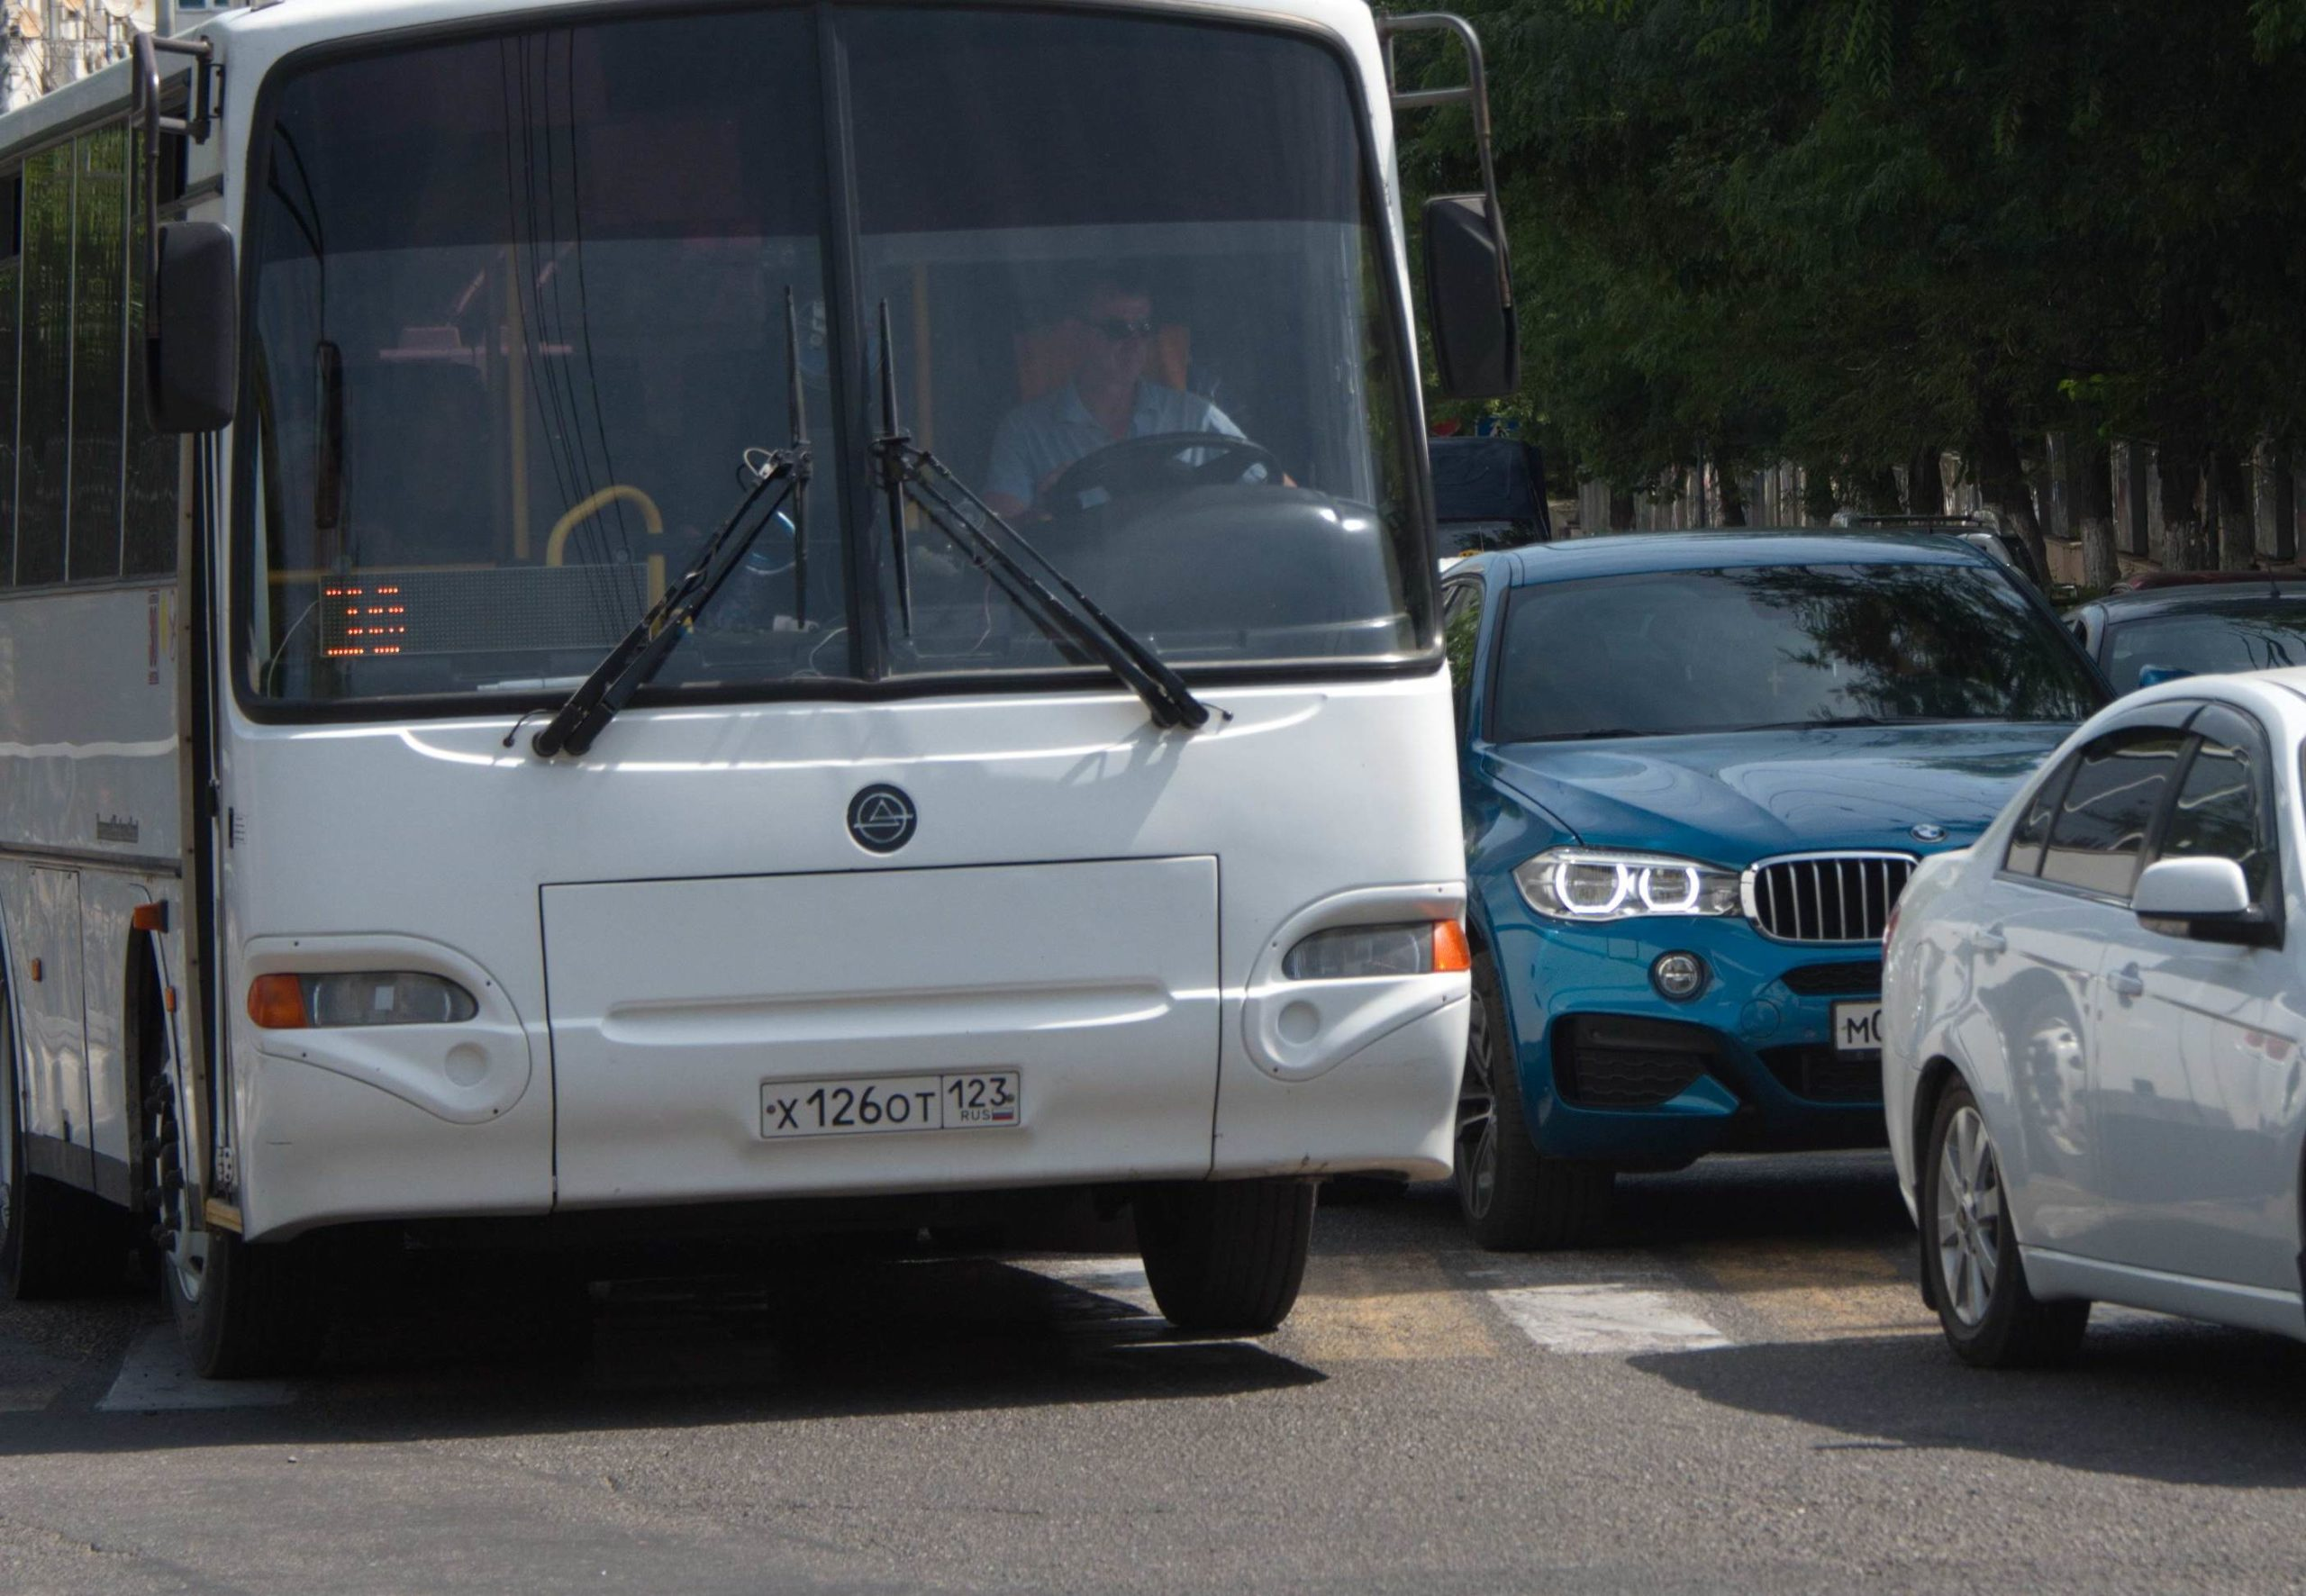 Оплата по безналу идет в Новороссийске с пробуксовкой и угрозой для жизни